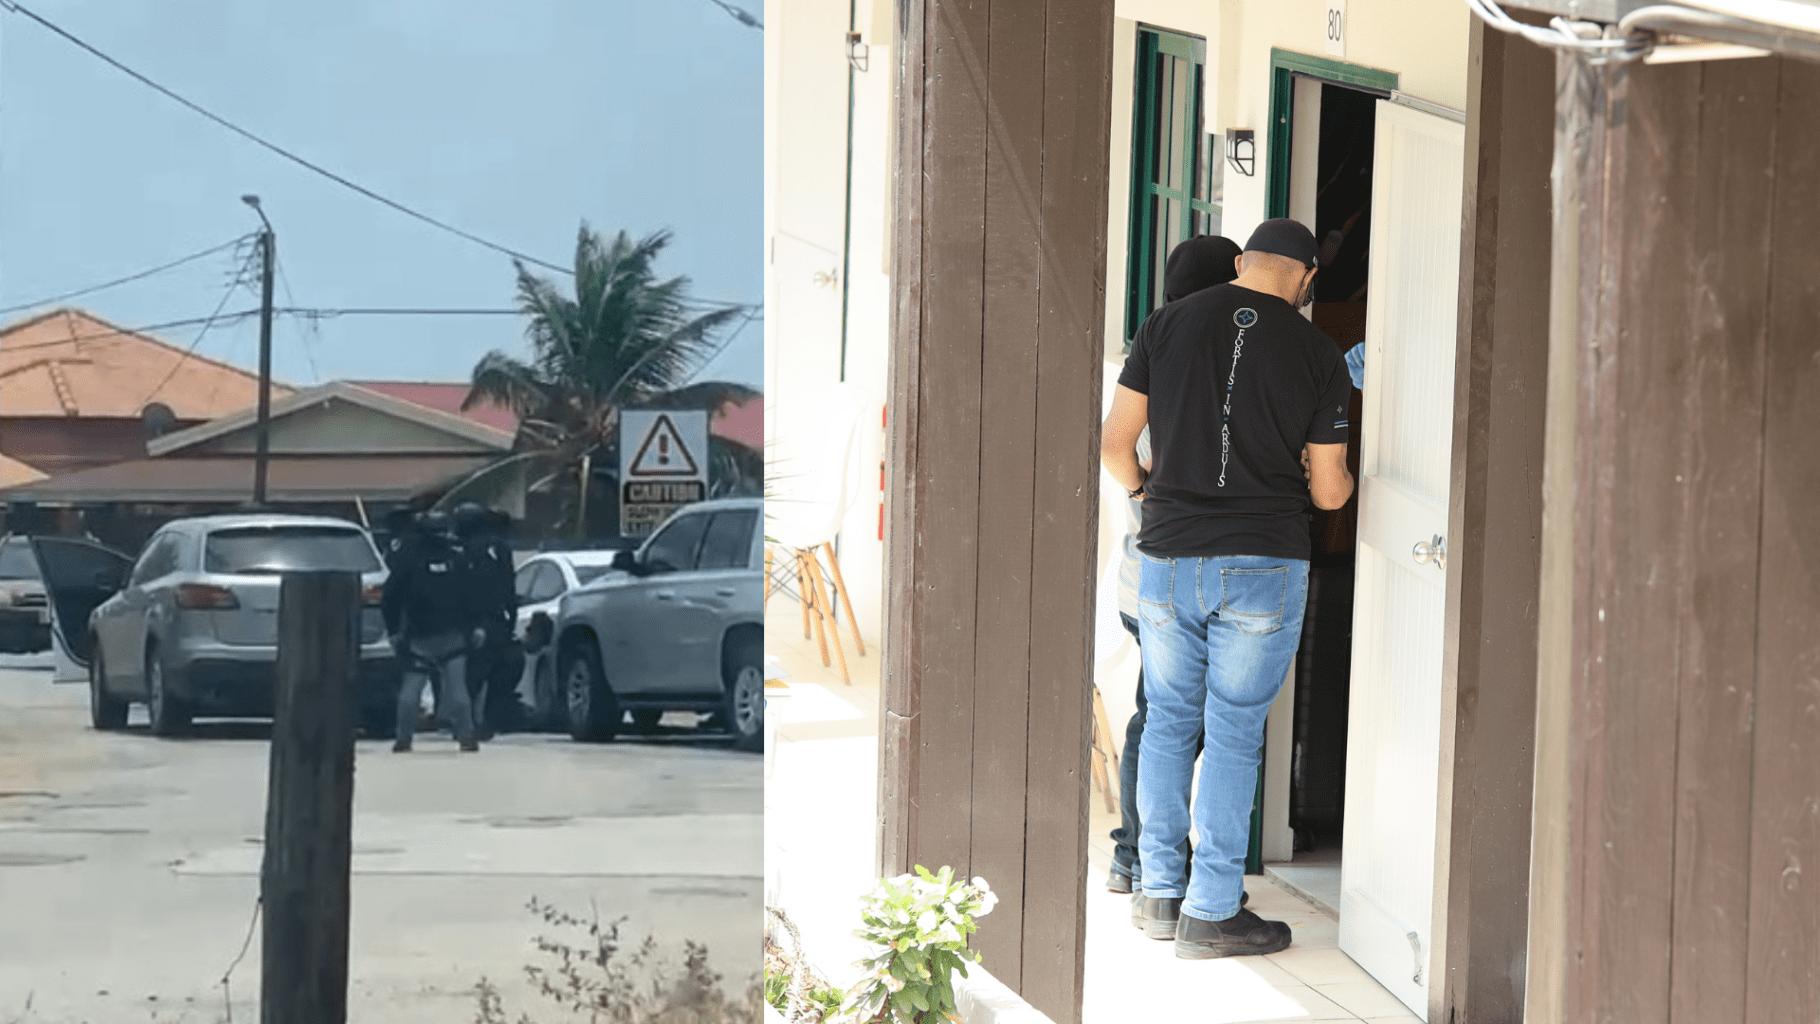 Mas detencion y entrada hudicial: Por lo menos cuater persona deteni